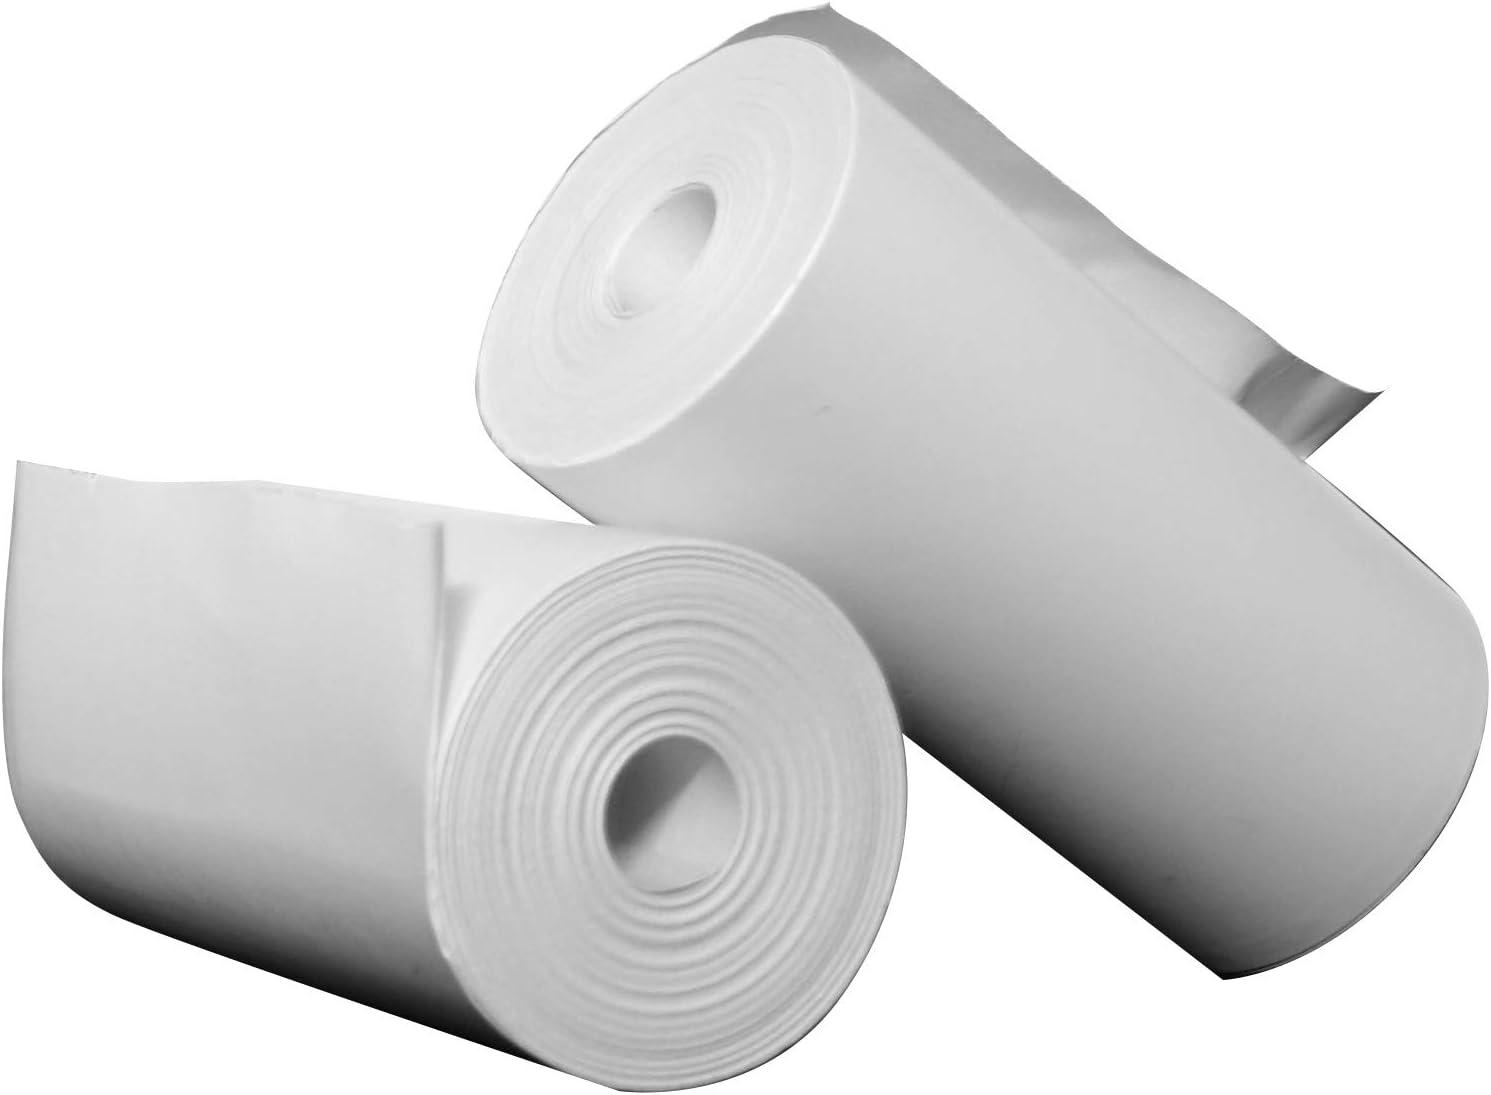 6 Rouleaux de Papier dimpression de Recharge dappareil Photo pour Kid Instant KX-01 Print Camera Zero Ink Papier Thermique Walory Papier Impression